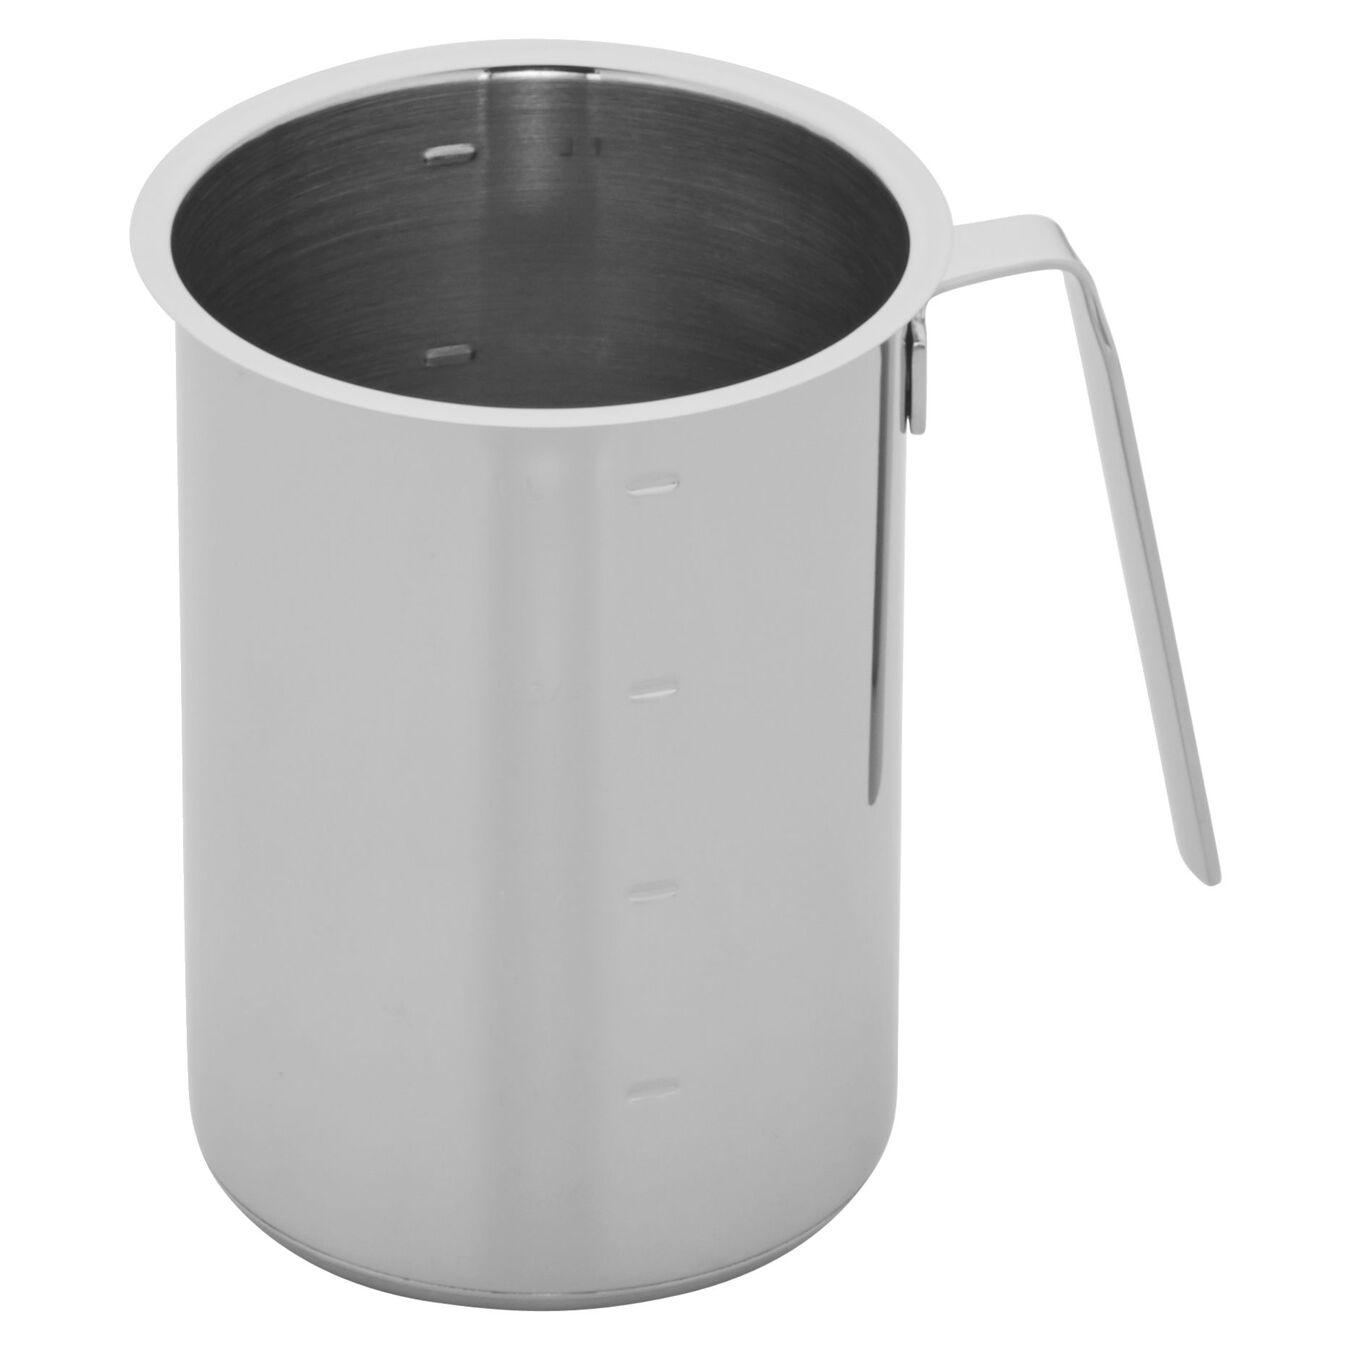 Pot à sauce,,large 2